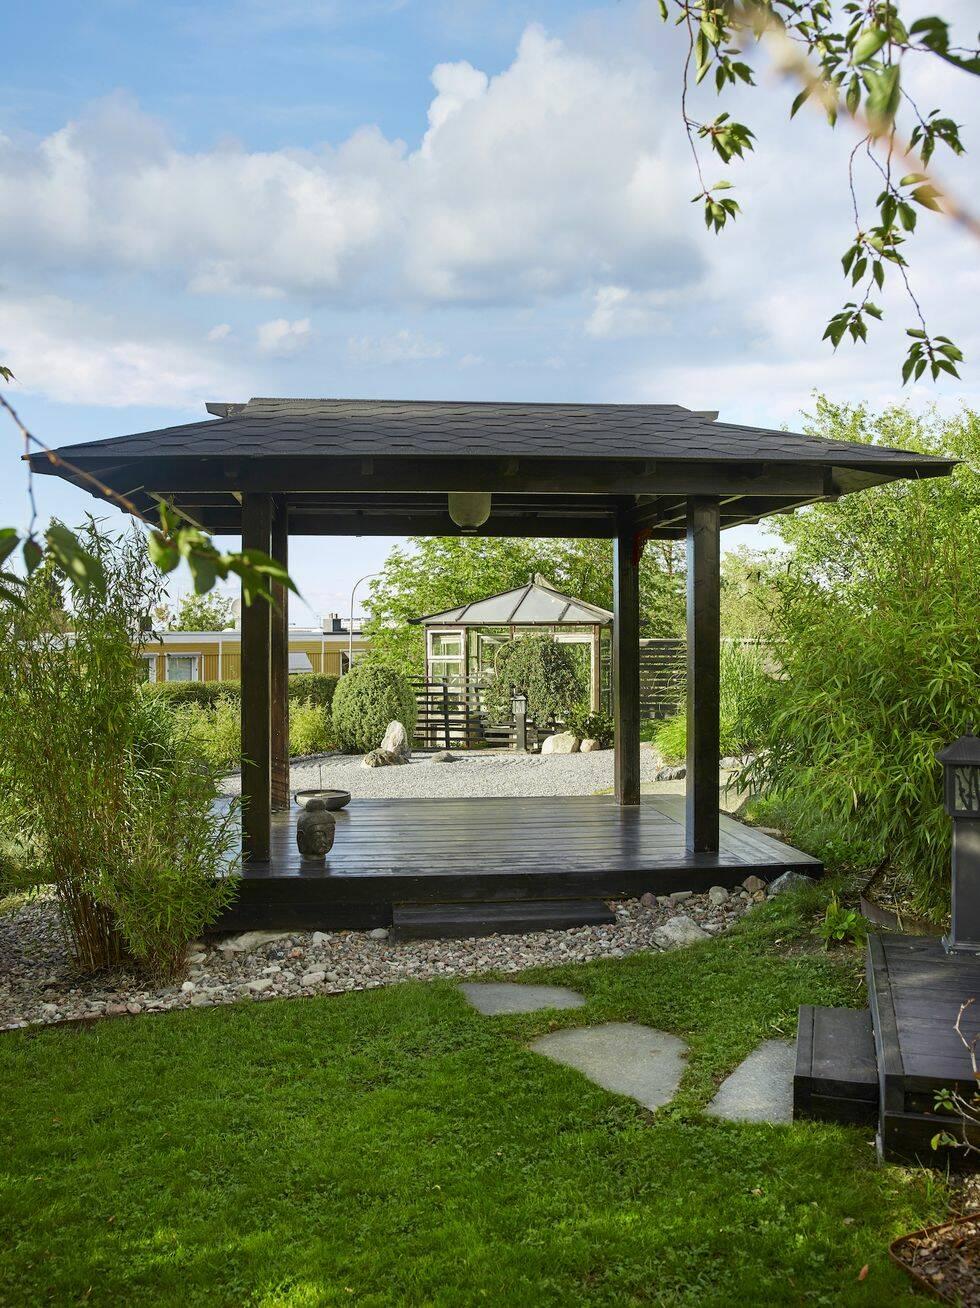 Så här bygger du en paviljong för lugn och återhämtning – i din trädgård